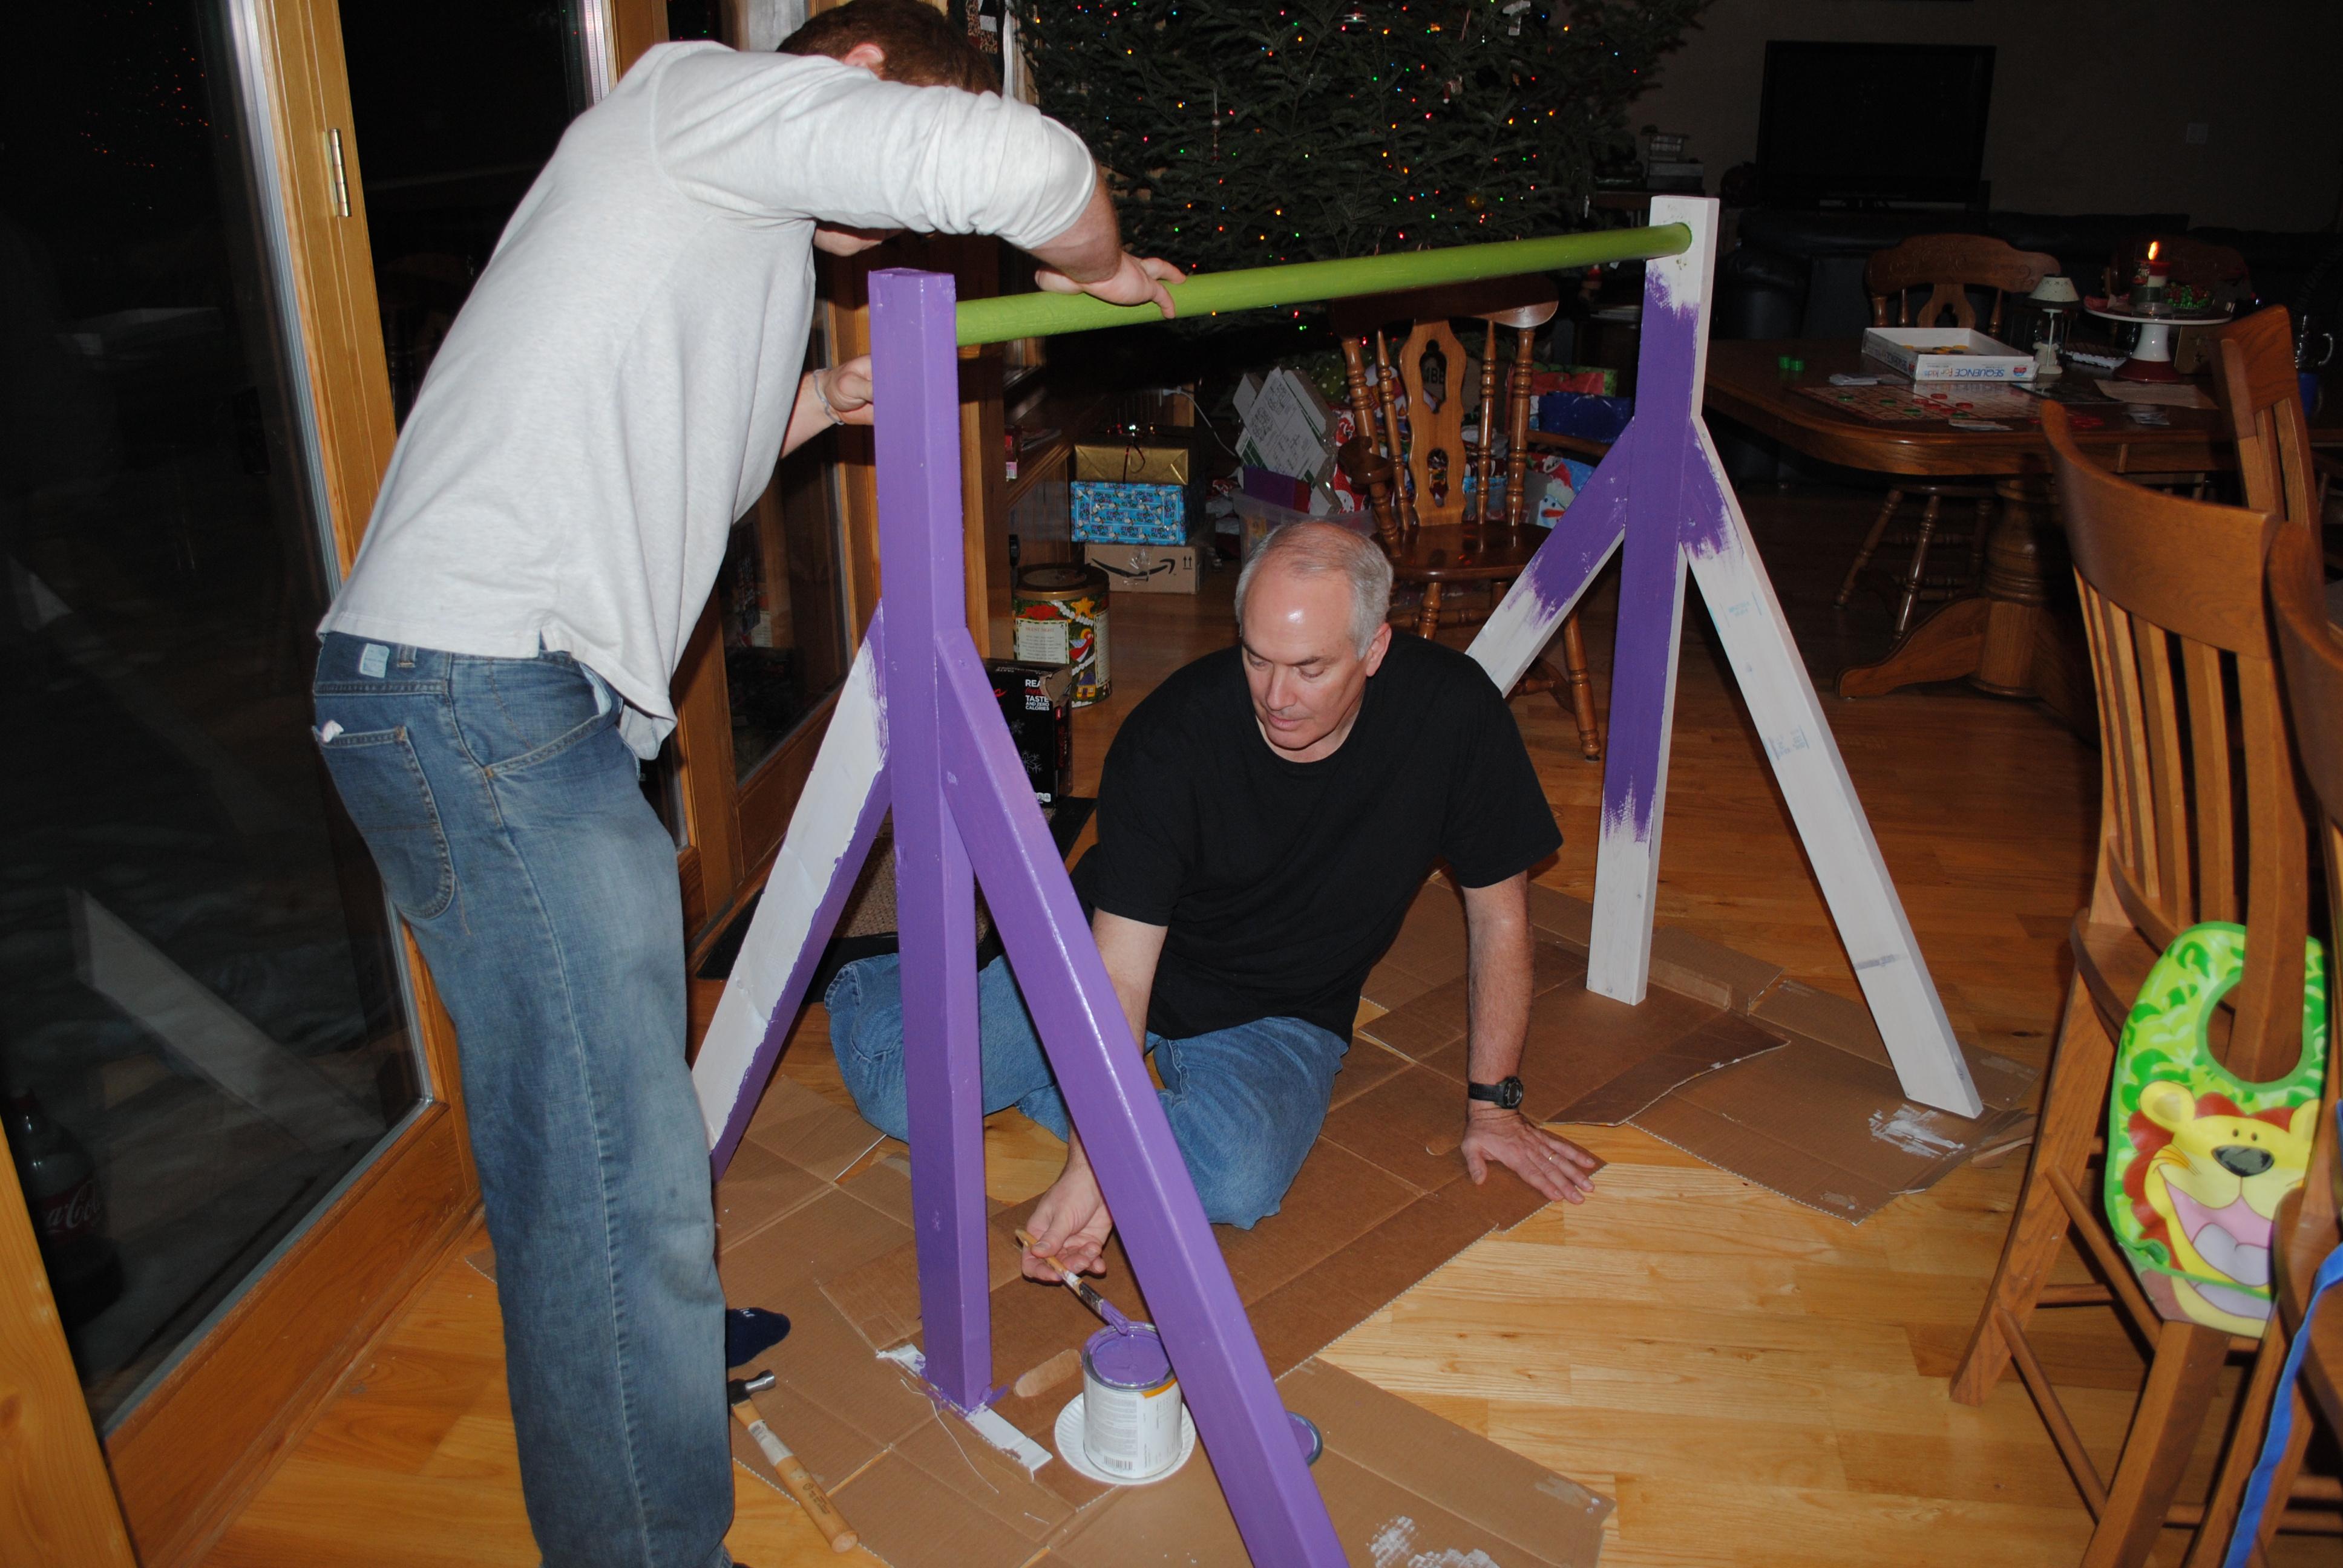 Gymnastics Bar He Sowed She Sewed